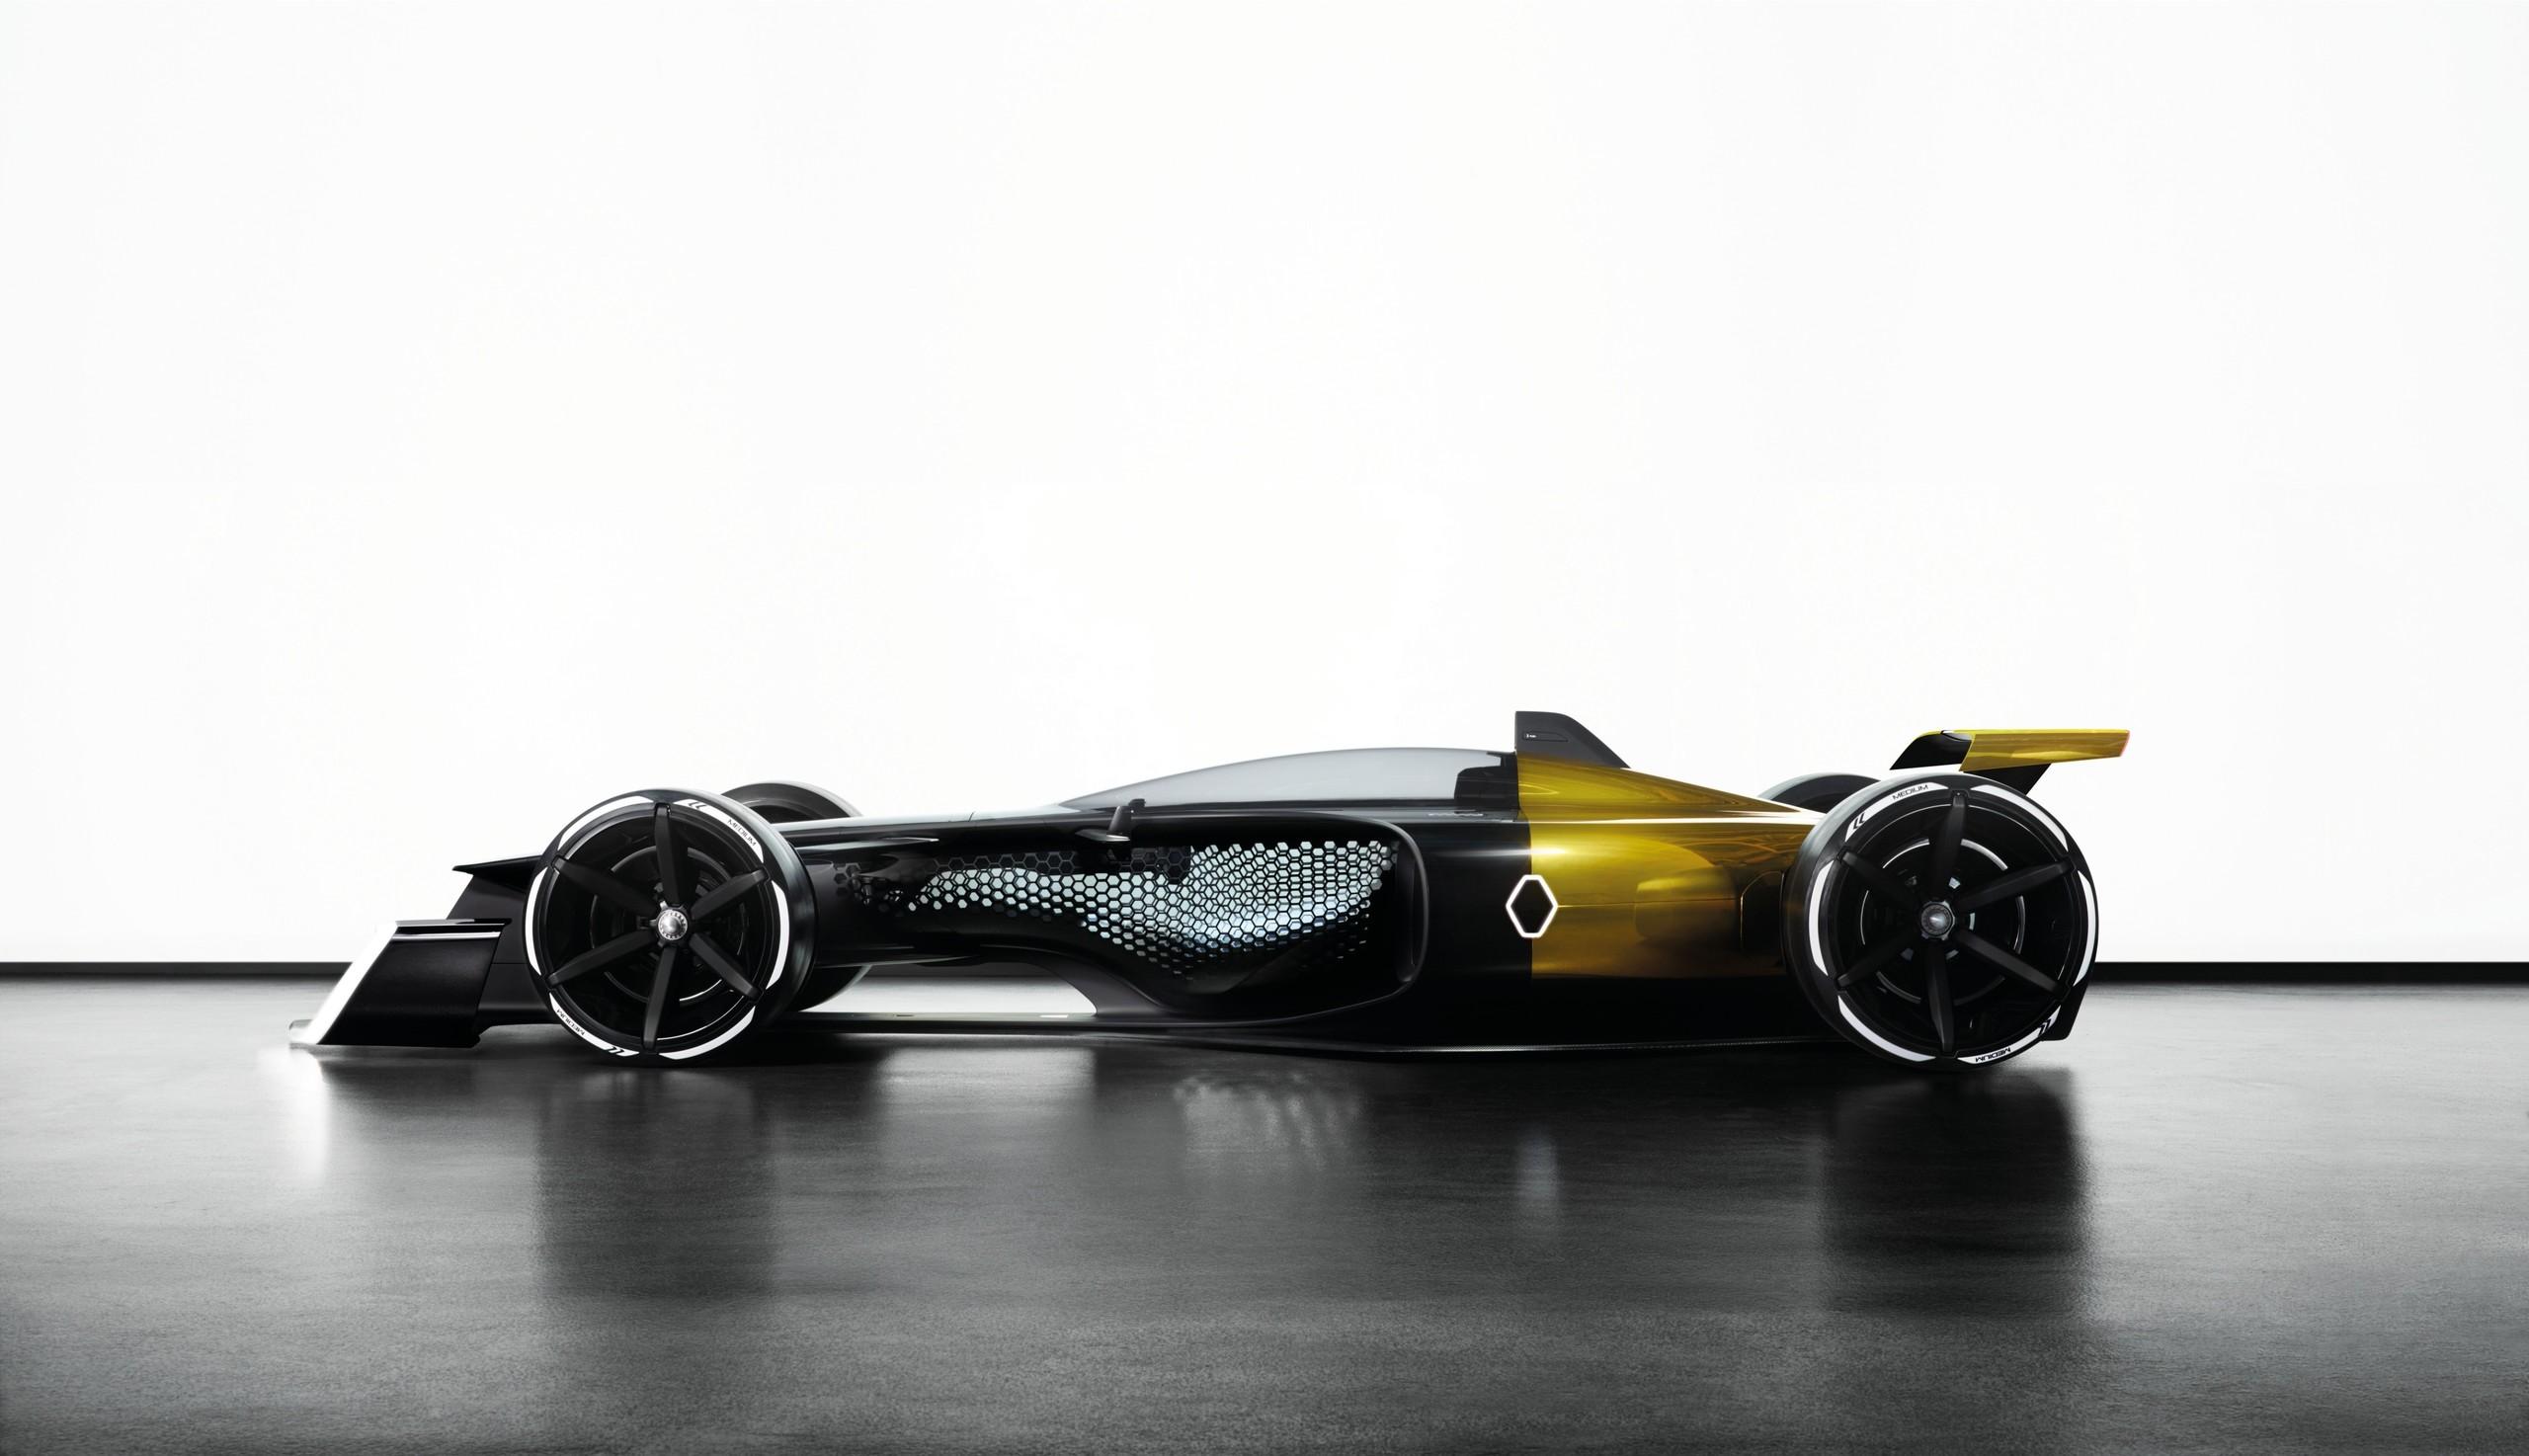 Foto de Renault RS 2027 Vision Concept (3/6)